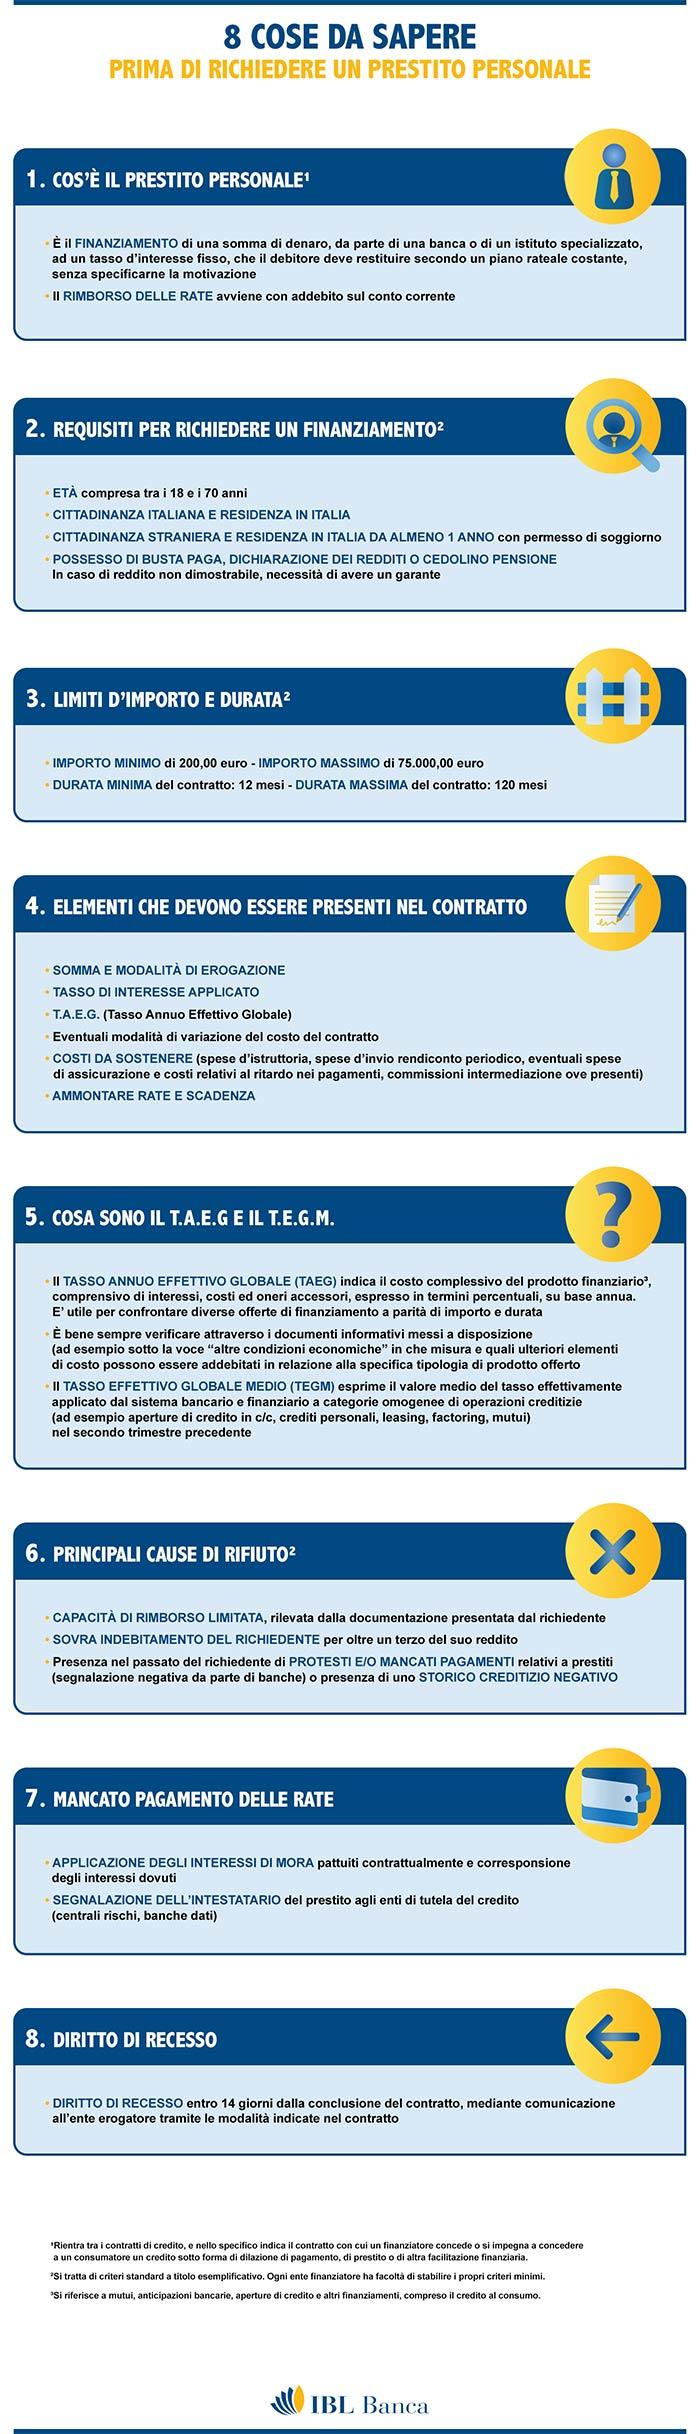 prestiti-personali-ibl-banca